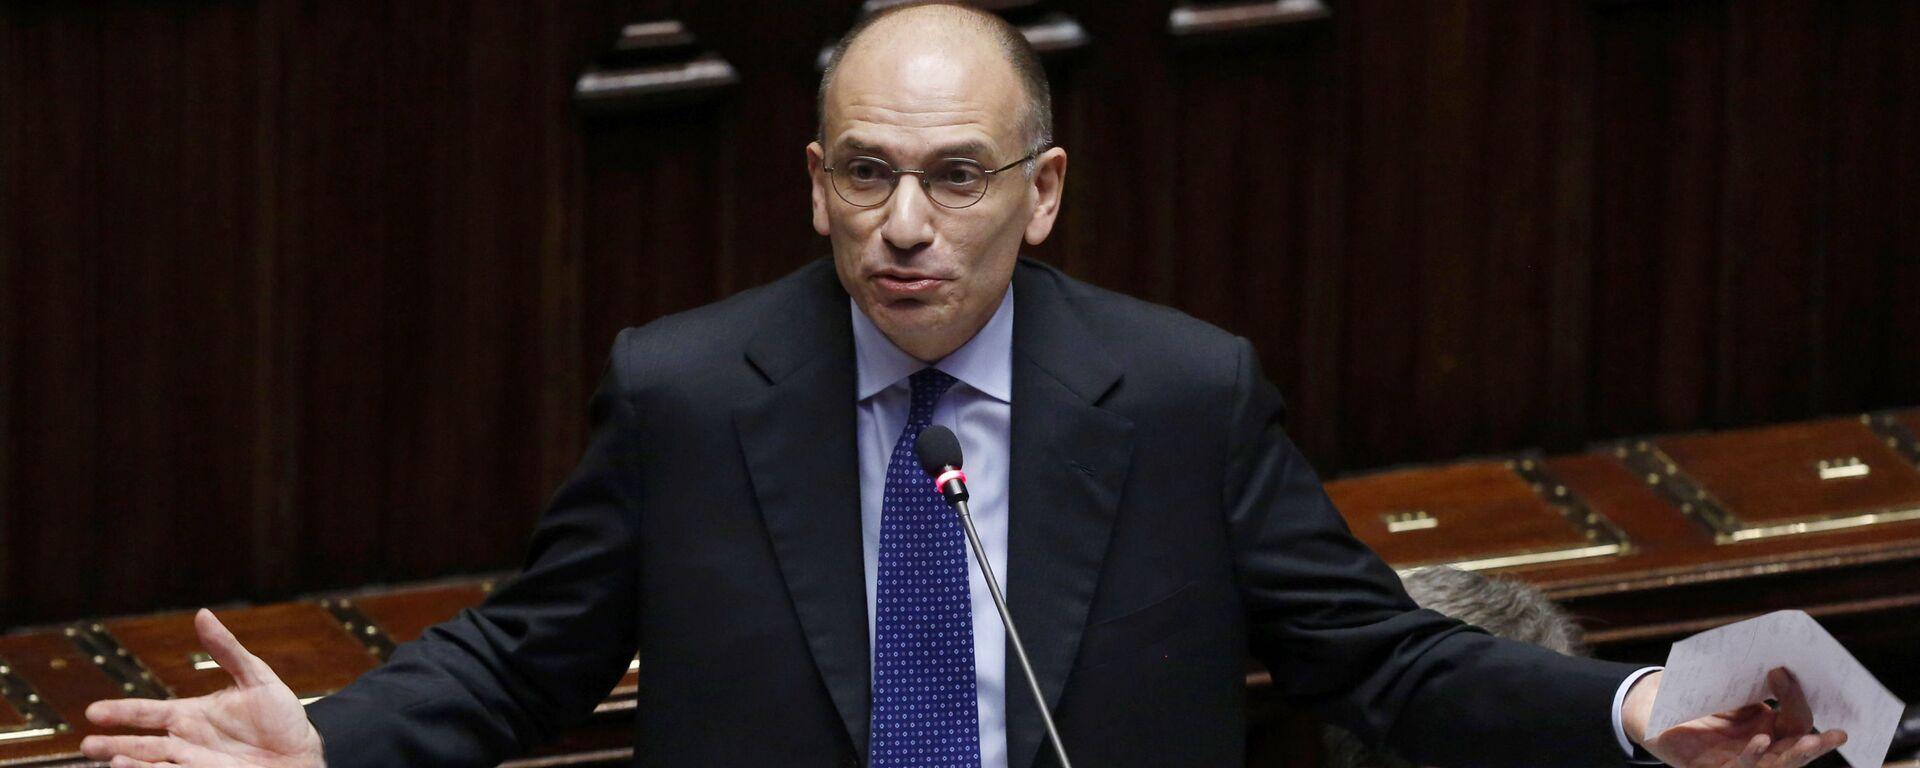 Enrico Letta, segretario del Partito Democratico - Sputnik Italia, 1920, 07.04.2021